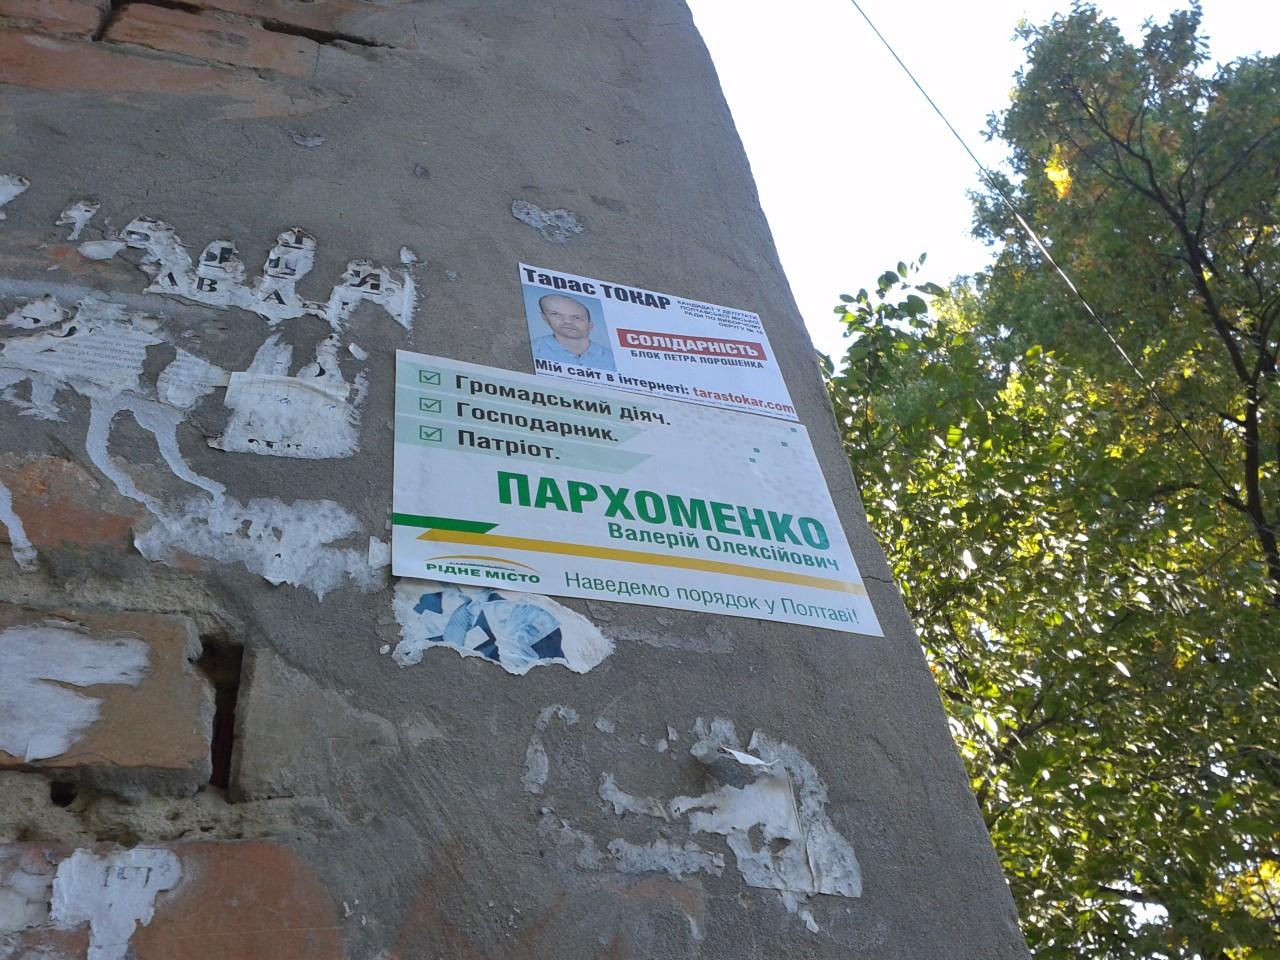 Фото зроблено 15 жовтня 2015 року на стіні житлового будинку по вул. Комсомольській, 5.